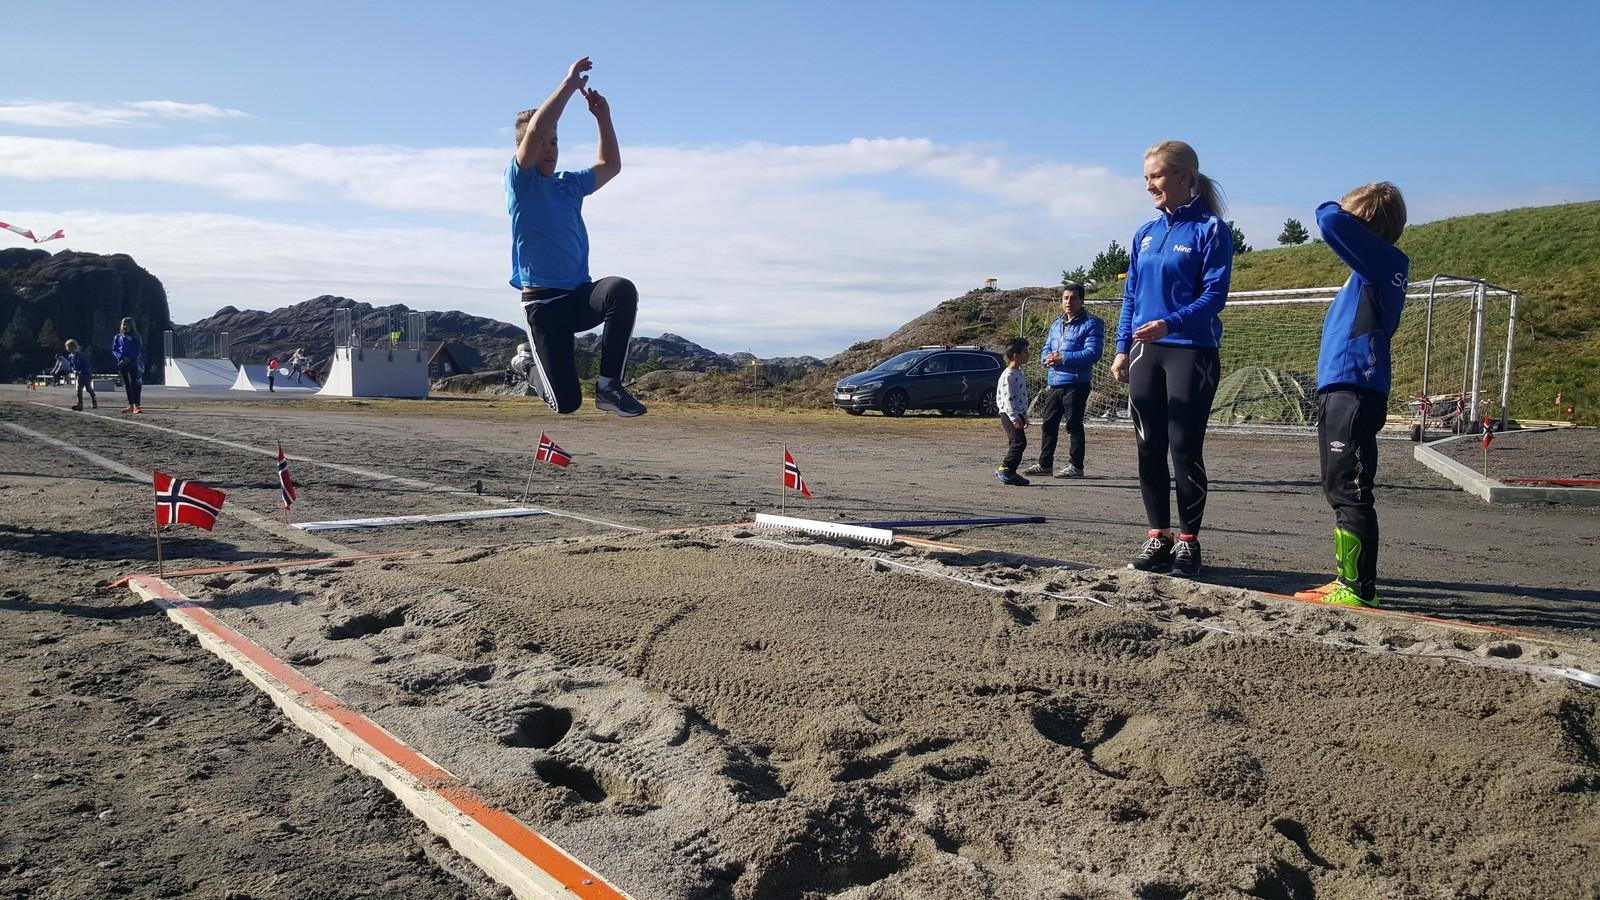 LENGDEGROP: Den siste tida har dugnadsgjengen jobba på spreng for å ferdigstille ei lengdegrop som stettar krava til friidrettsforbundet.